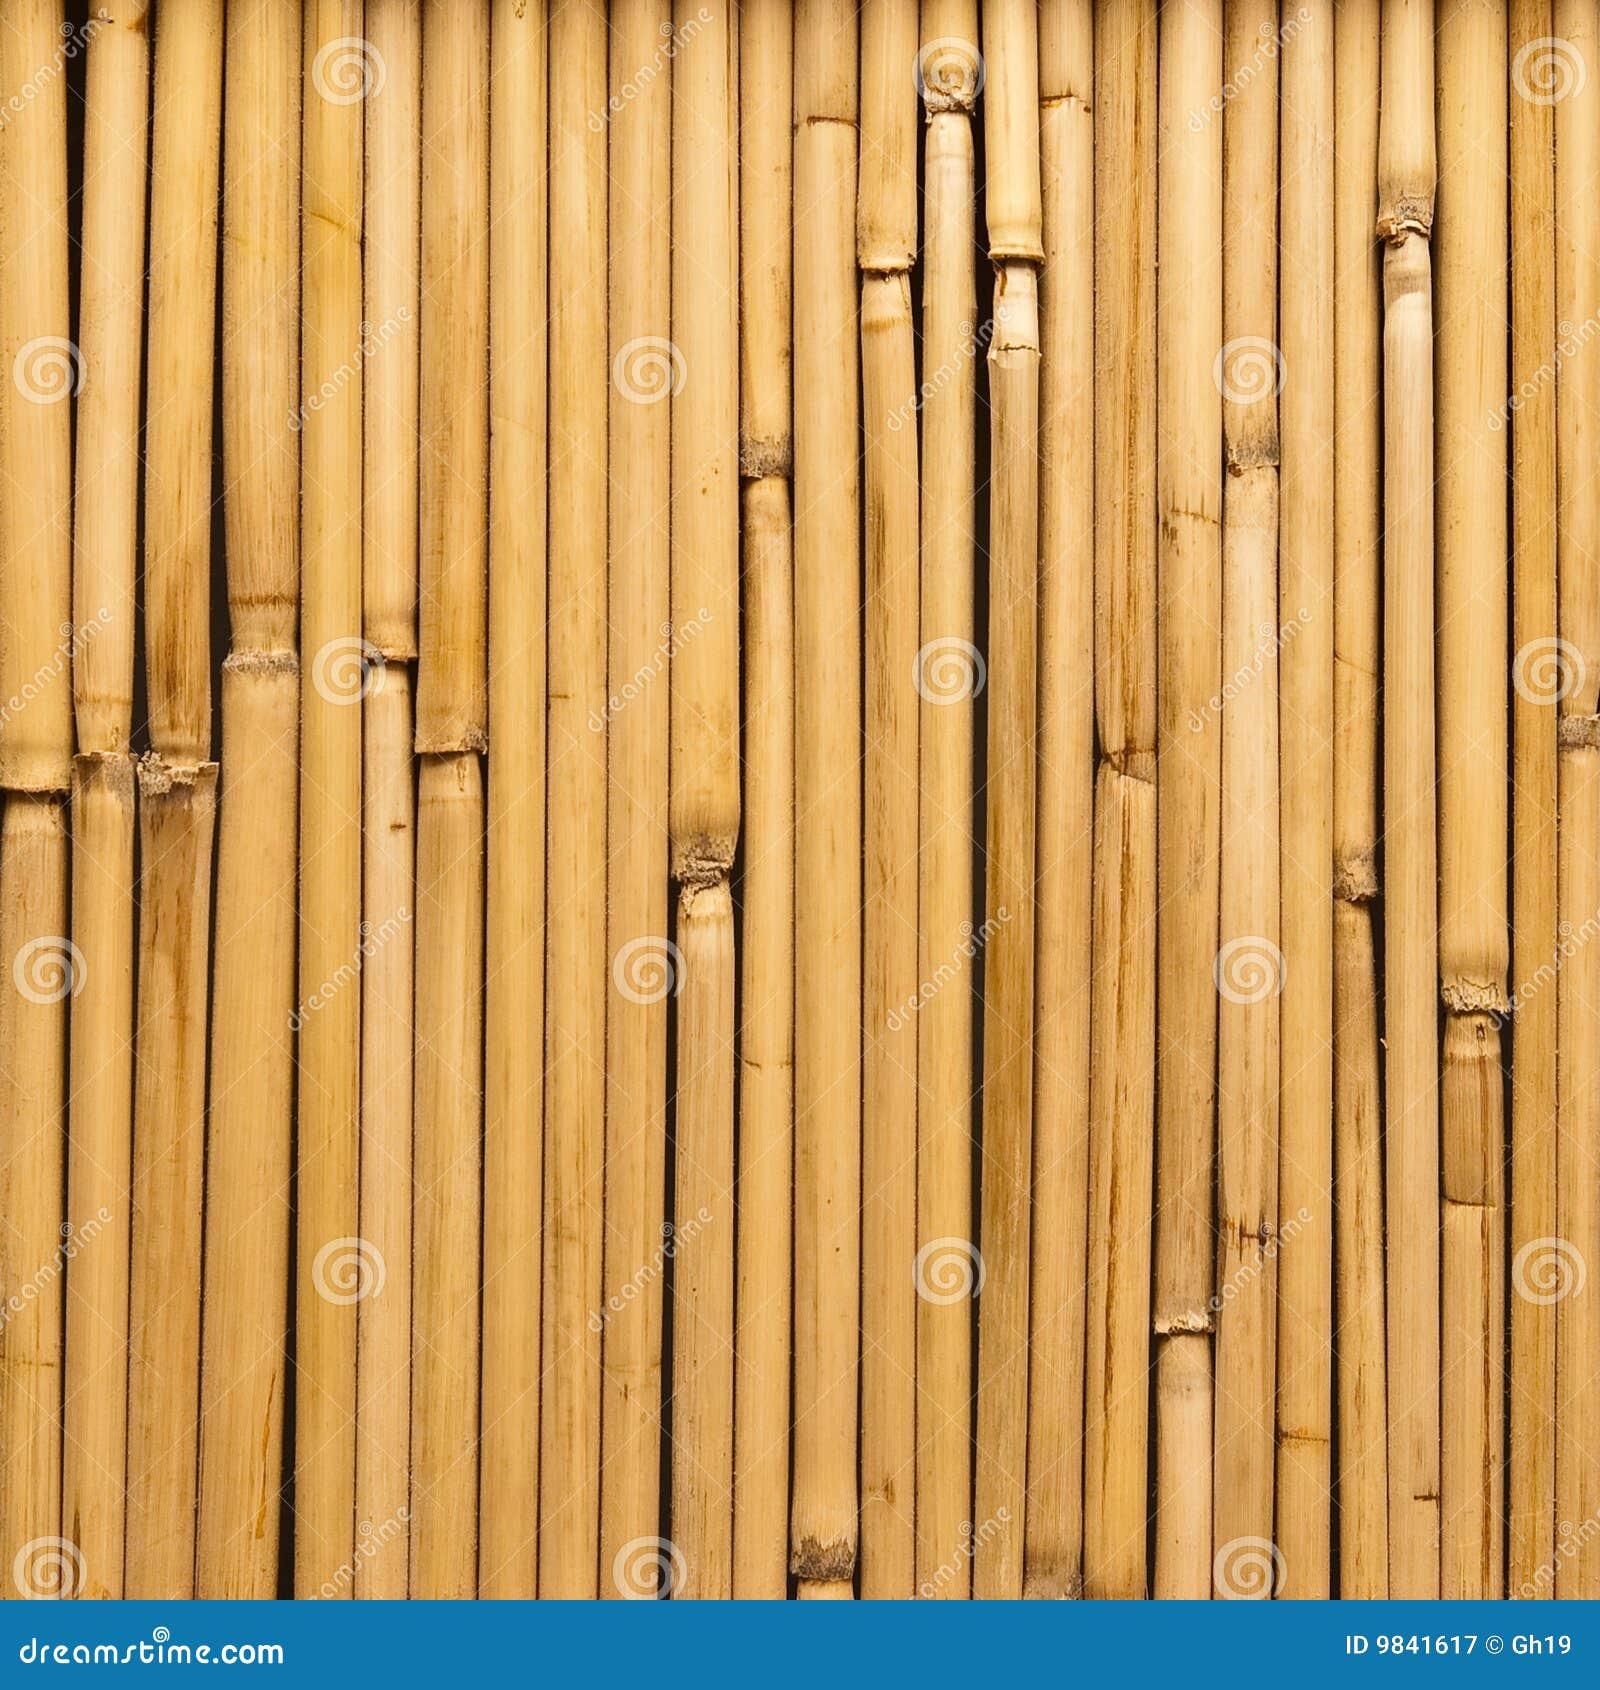 Canne di bamb immagine stock immagine di liscio for Canne di bambu per arredamento